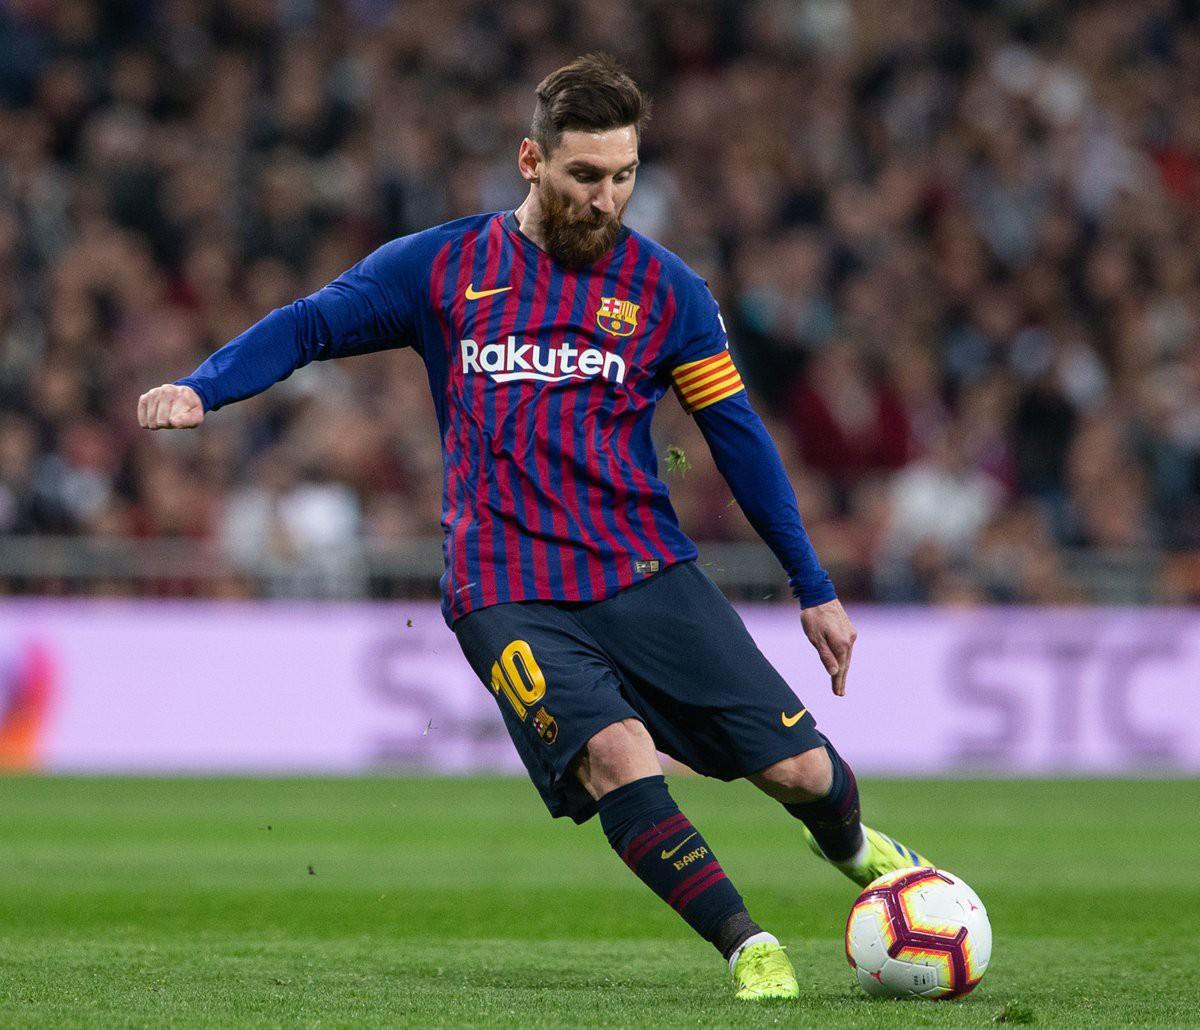 Ronaldo gọi, Messi trả lời: Bọ chét nguyên tử trình diễn phong độ thần thánh trong chiến thắng hủy diệt 5-1 trước Lyon (Pháp) - Ảnh 1.